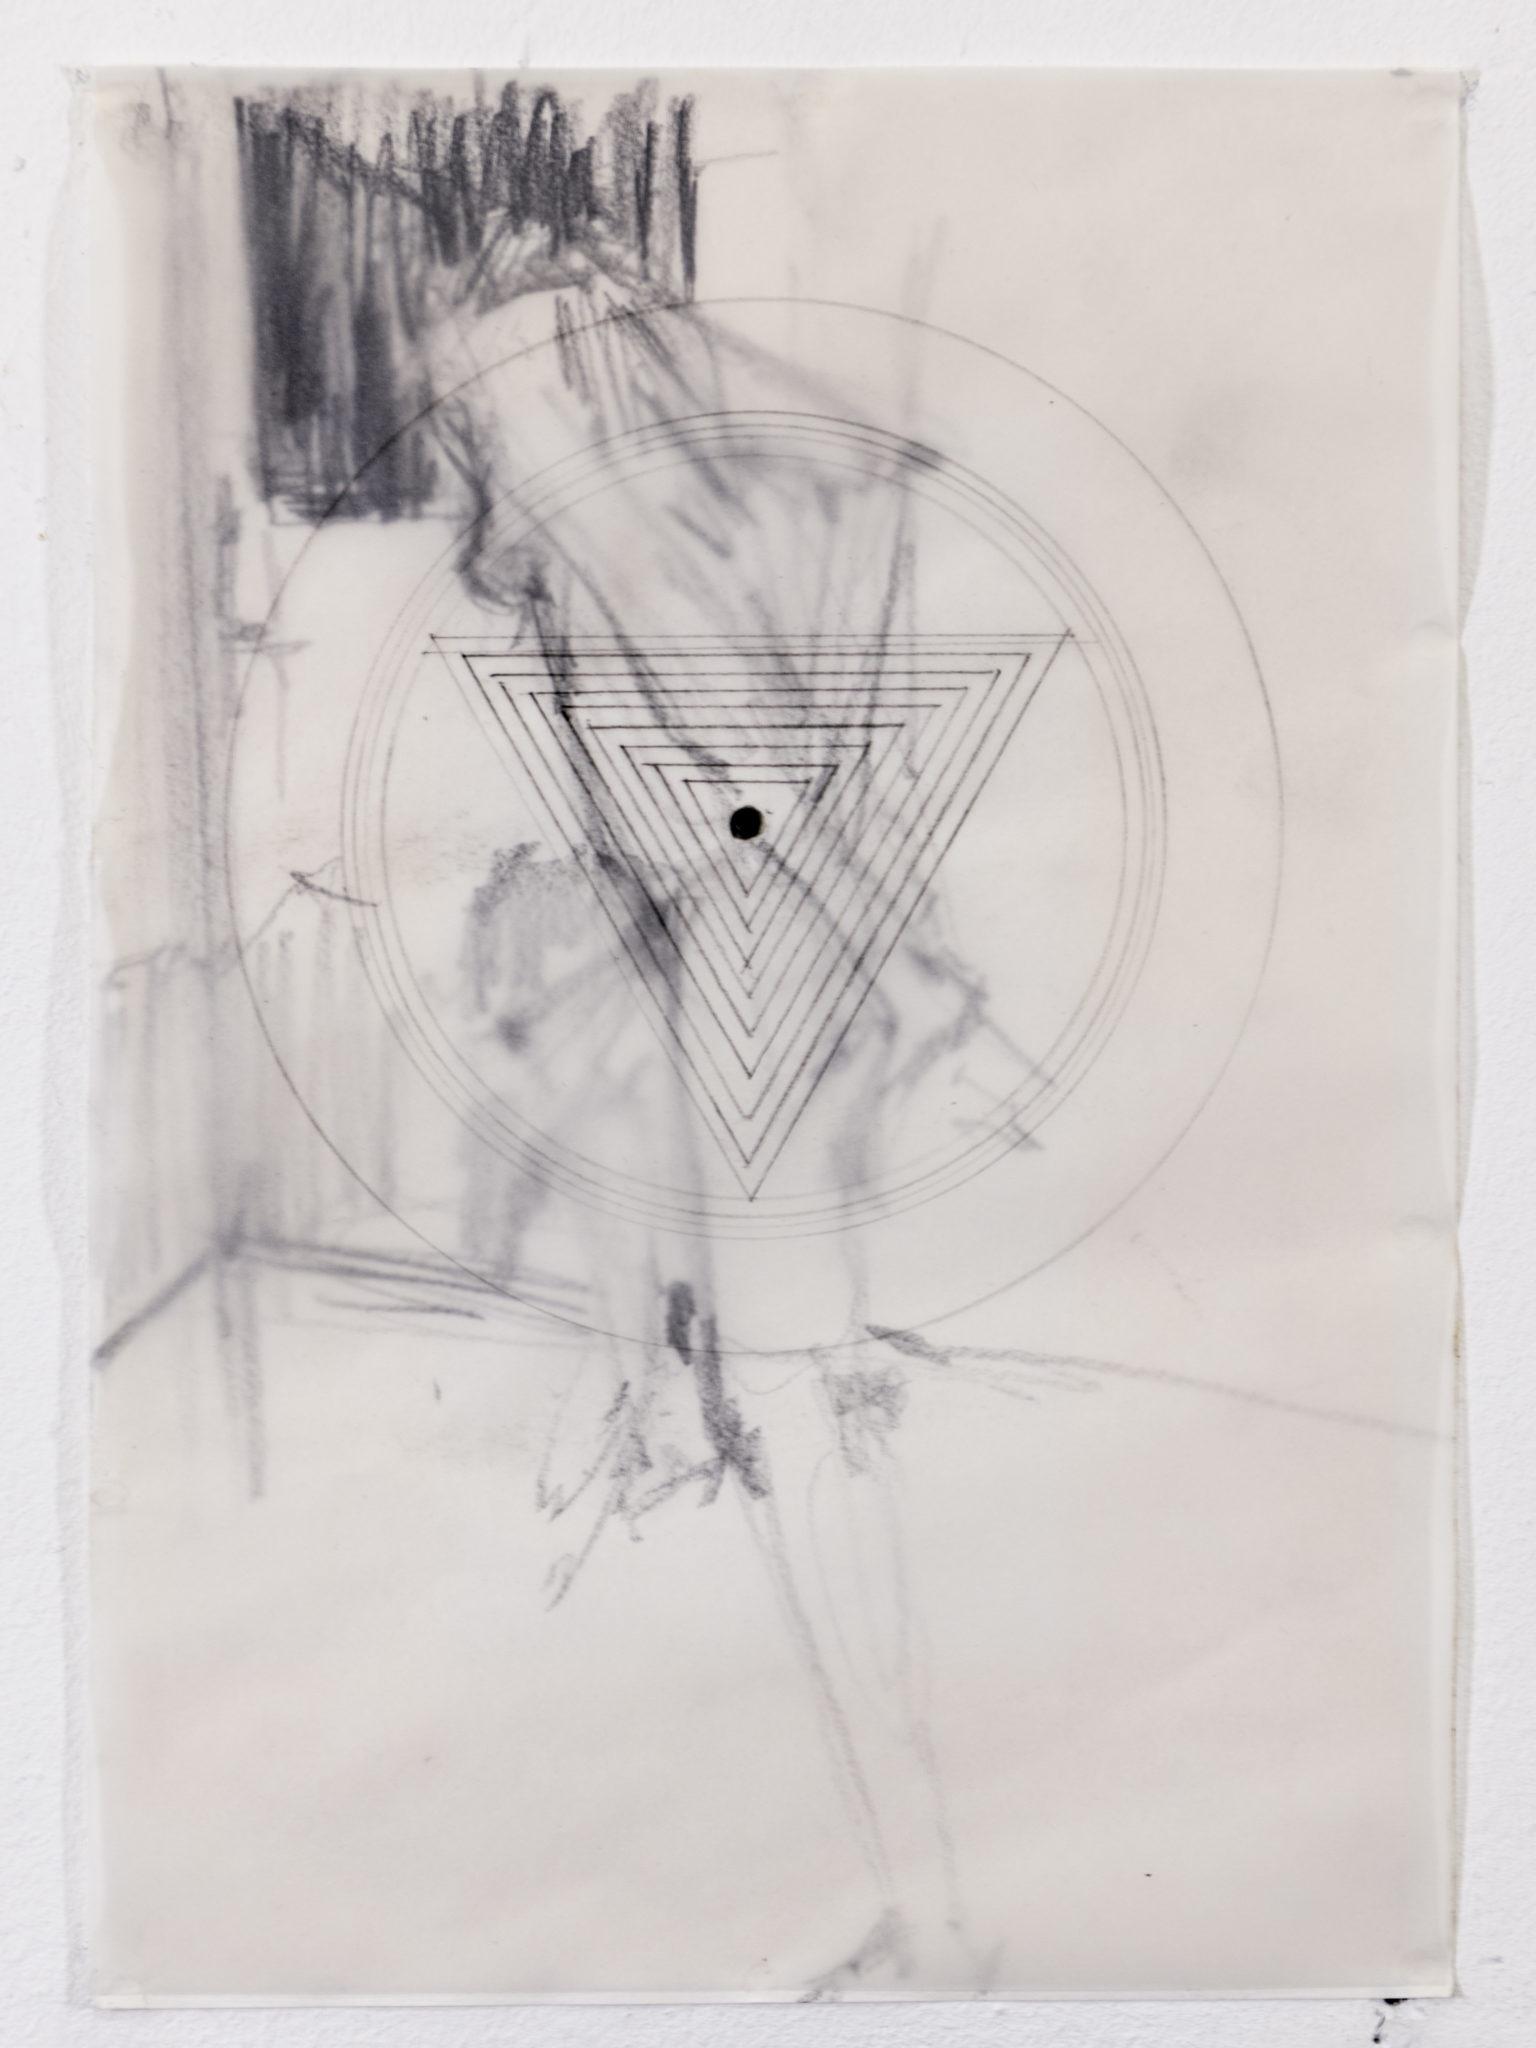 Svenja Jarisch, ohne Titel, Bleistift auf Papier, 29x21, 2021